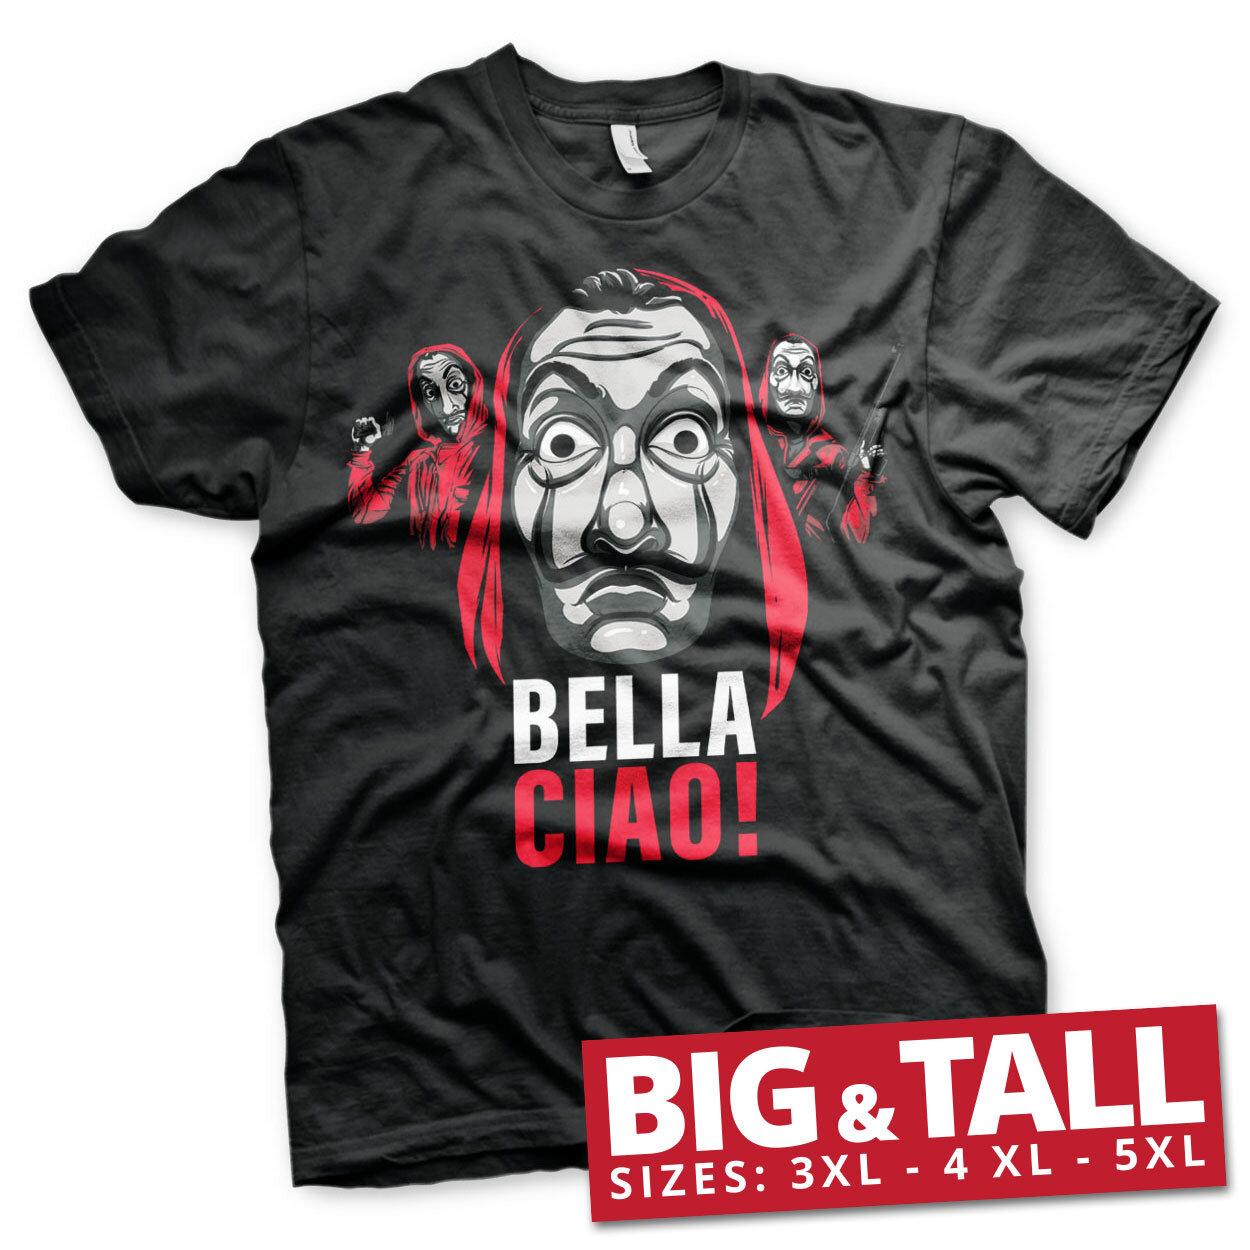 La Casa De Papel - Bella Ciao! Big & Tall T-Shirt